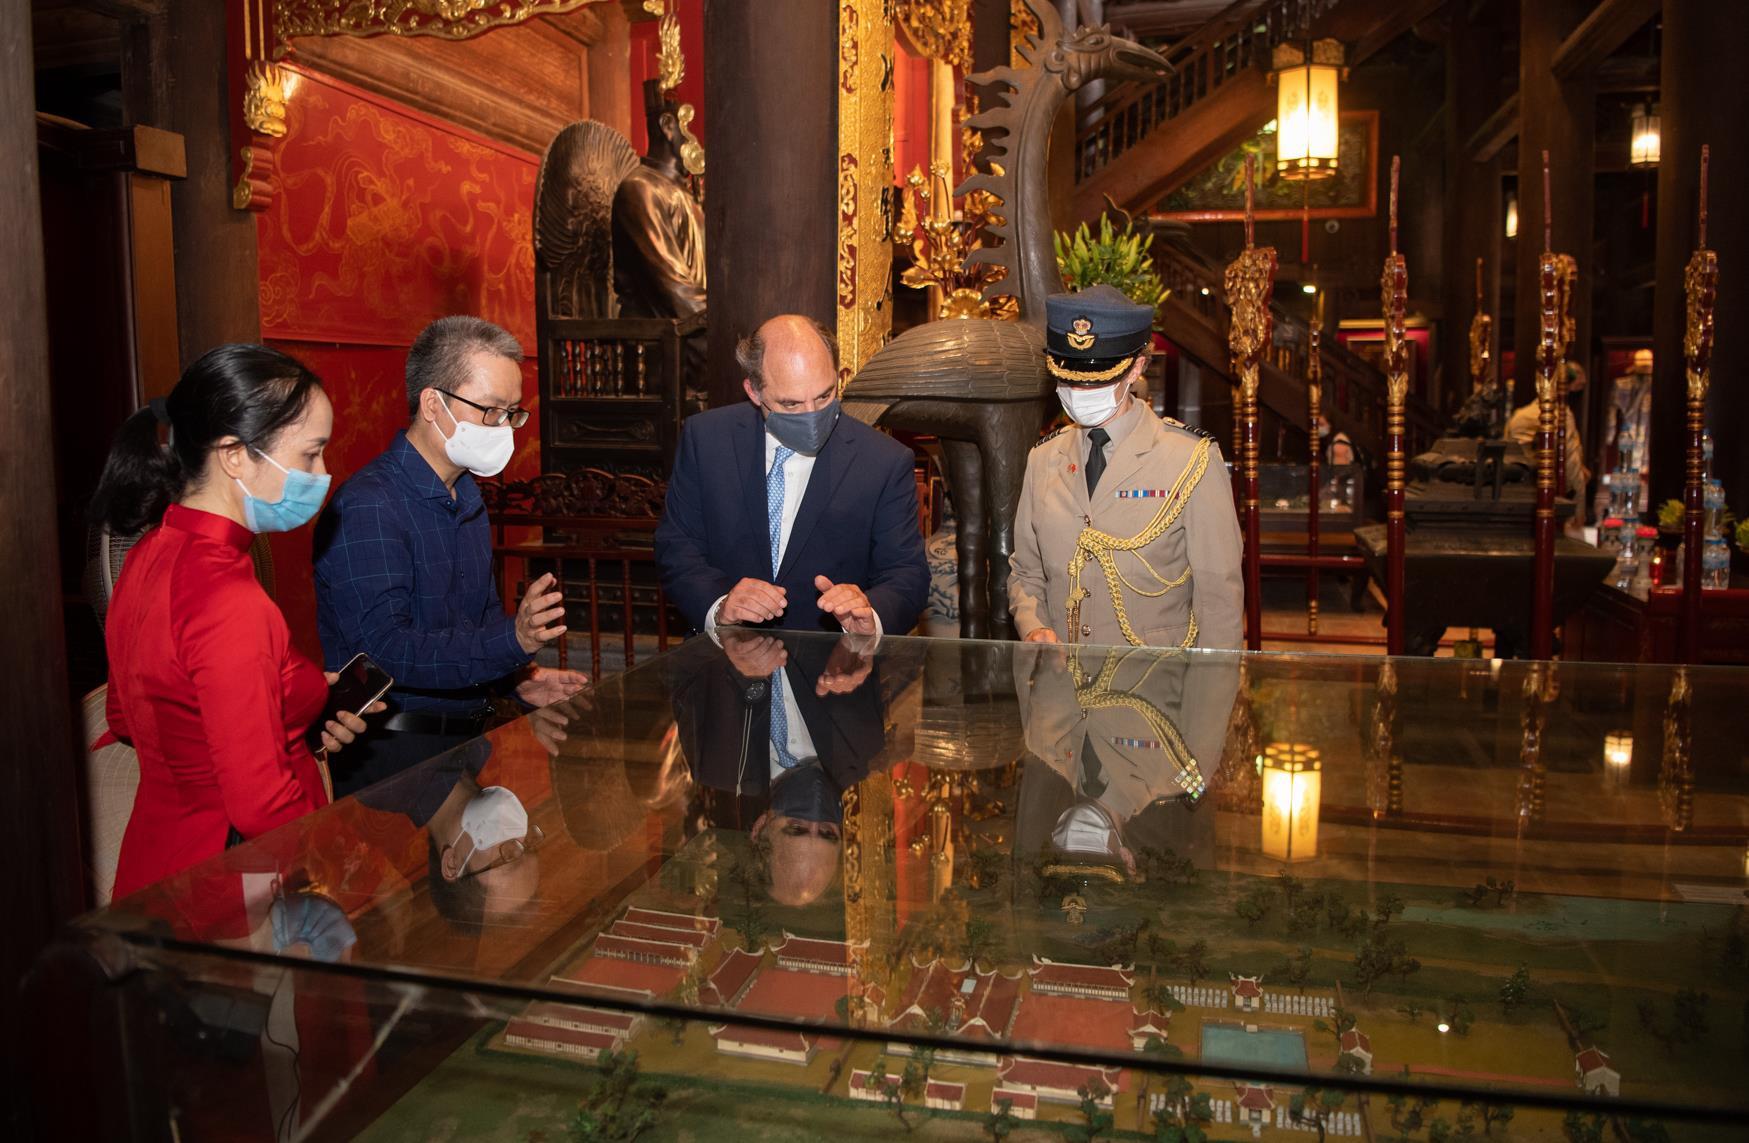 Ảnh: Bộ trưởng Quốc phòng Anh thăm Văn Miếu Quốc Tử Giám - 5